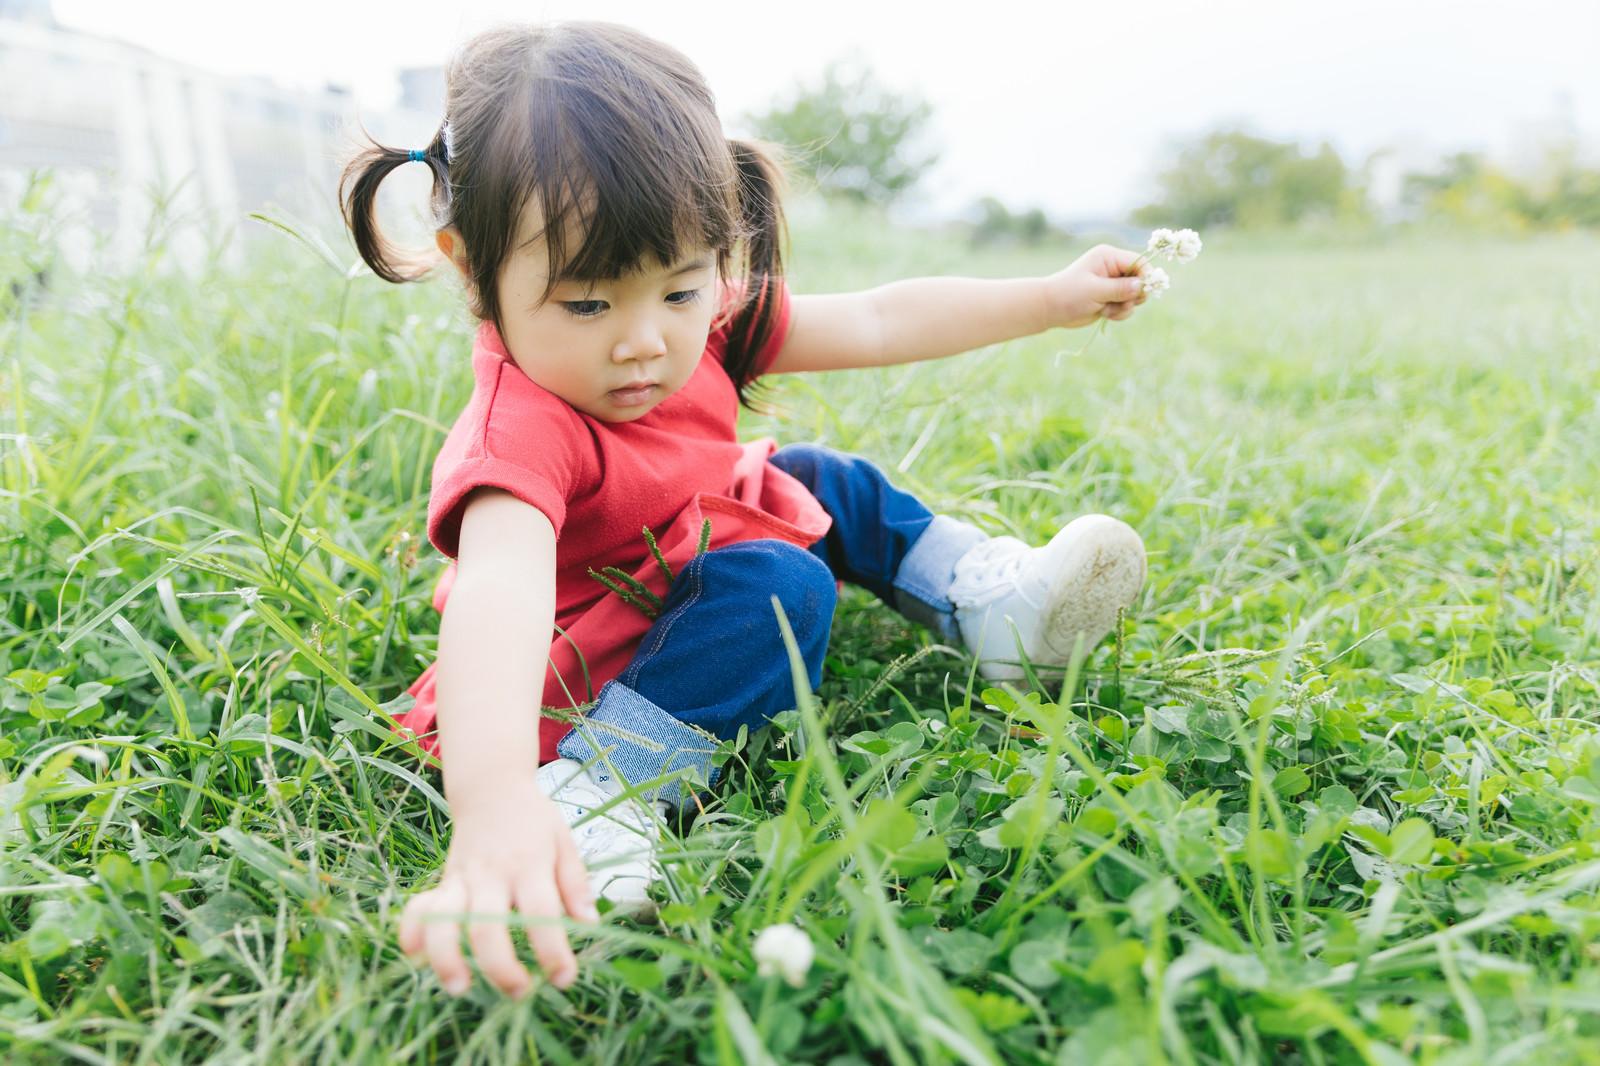 ほっこりアイテム 、子供の画像や動画が簡単に送れる共有ガジェット!